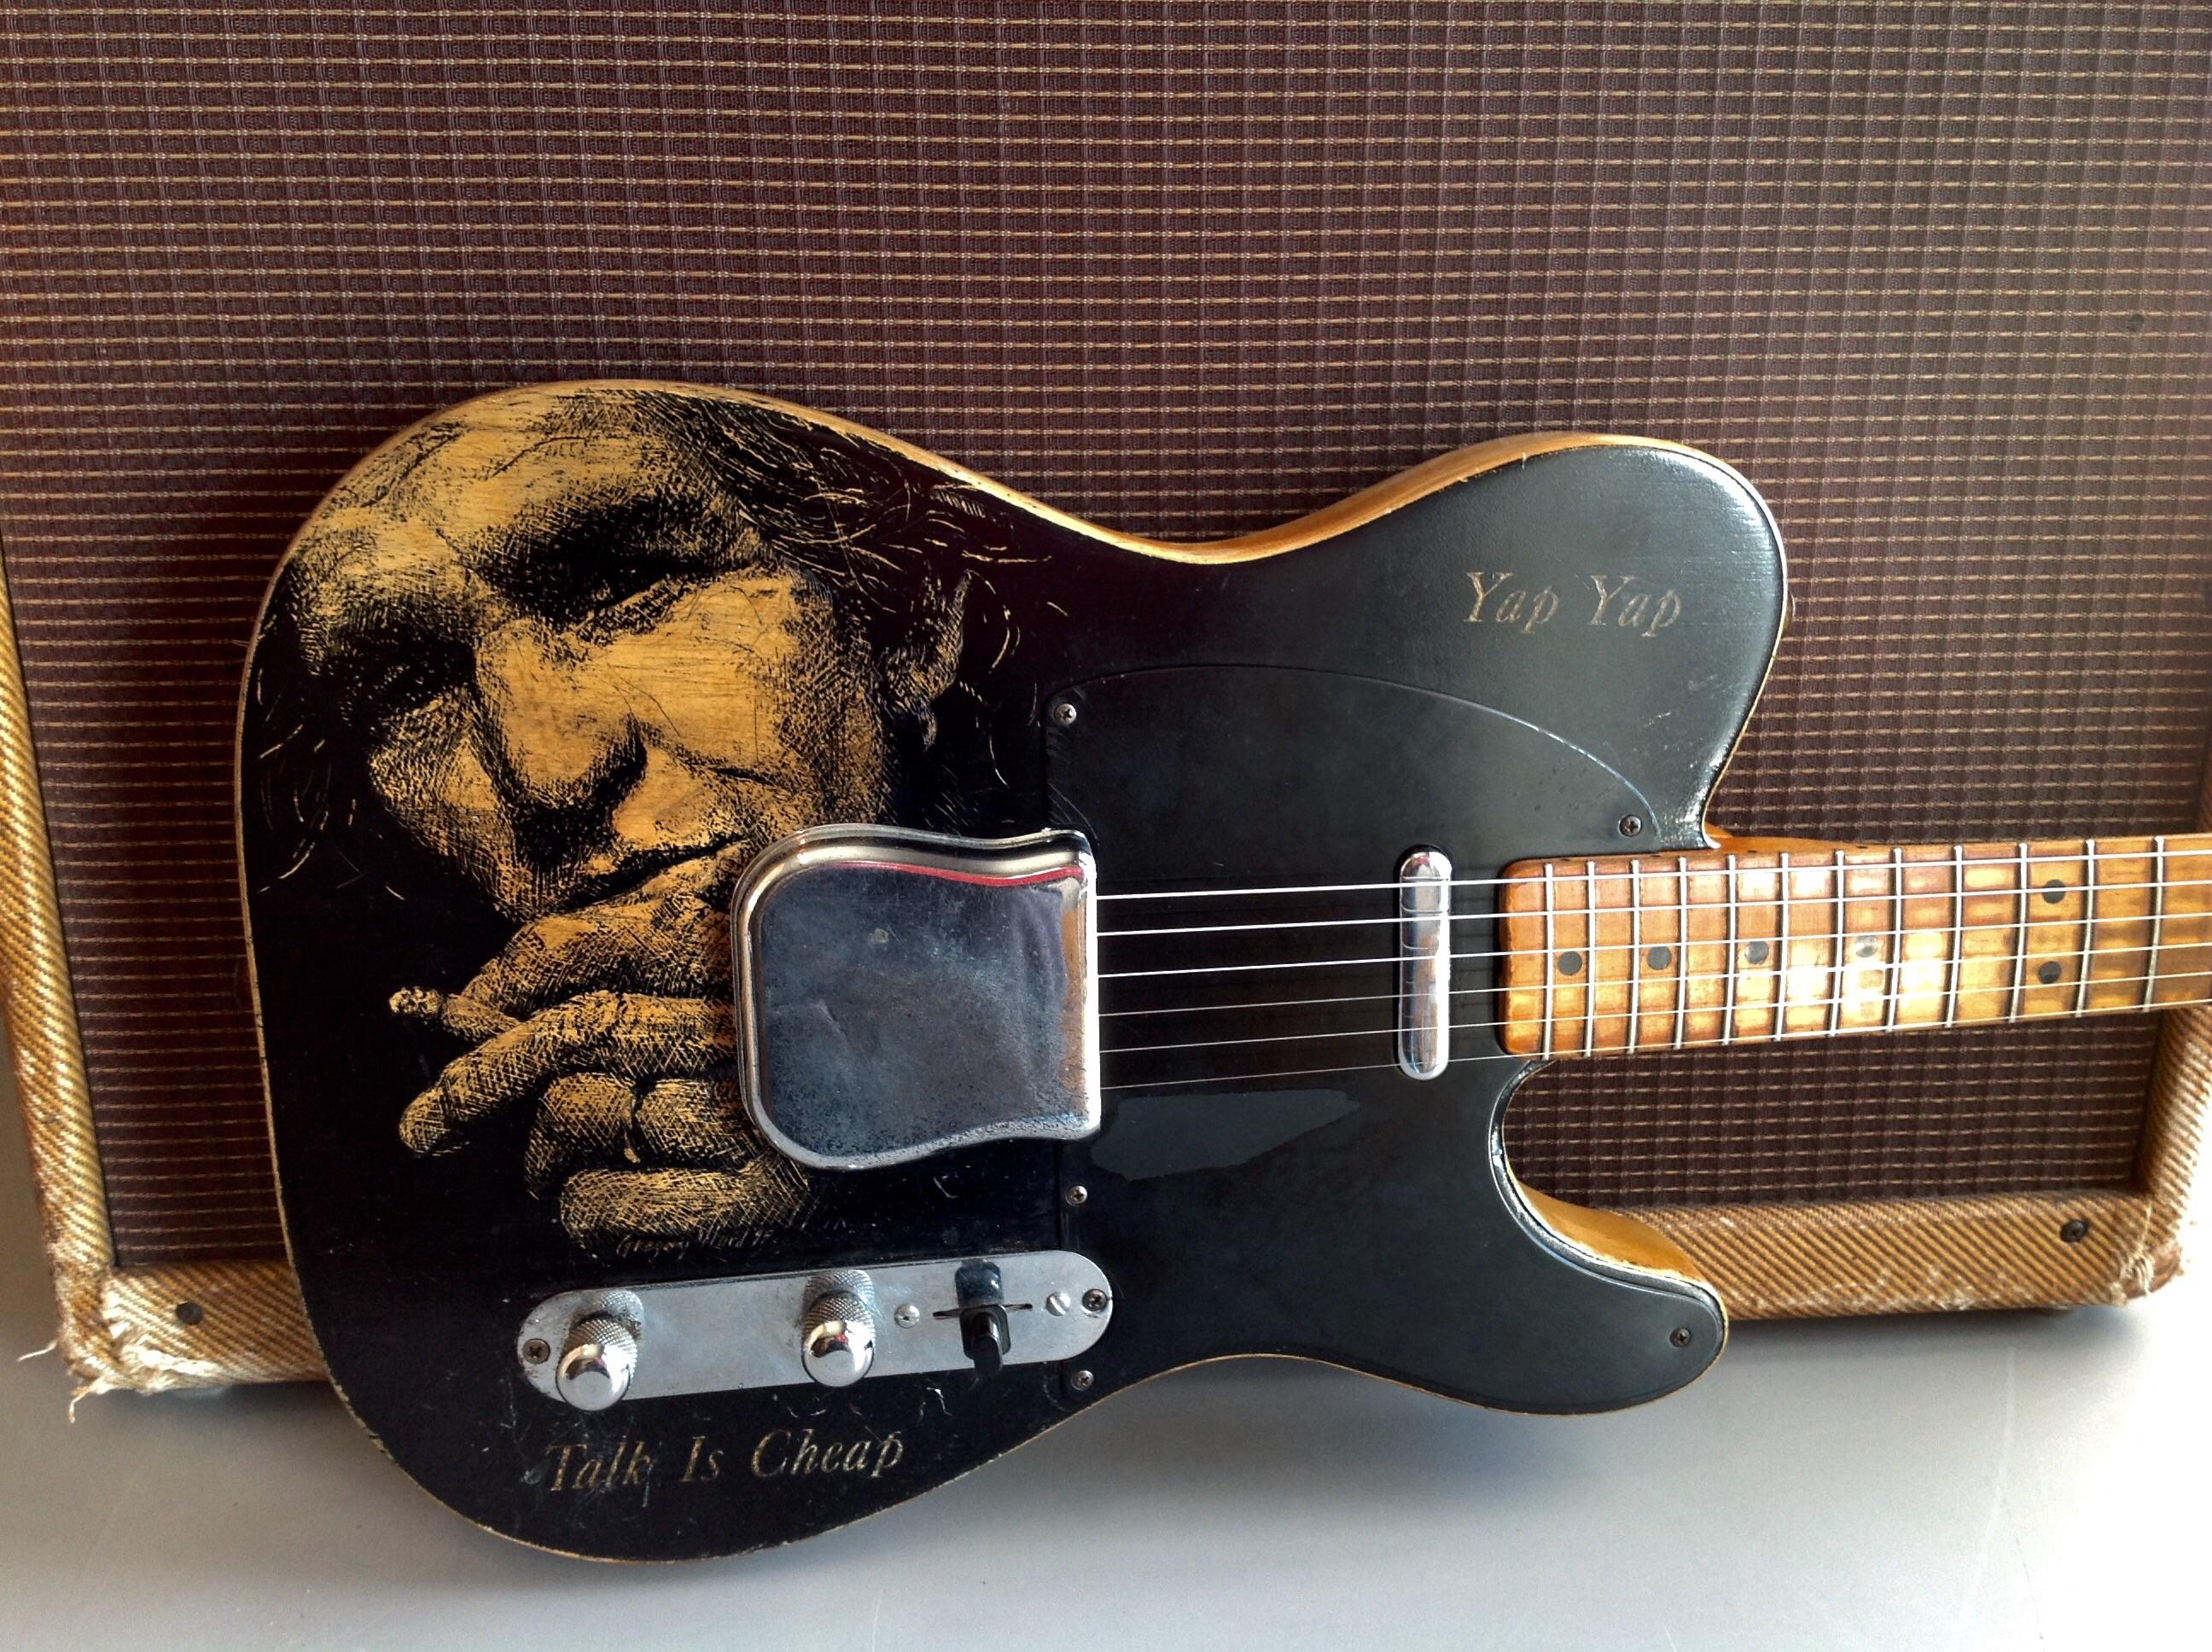 fender telecaster 1952 guitar for sale guitar exchange. Black Bedroom Furniture Sets. Home Design Ideas